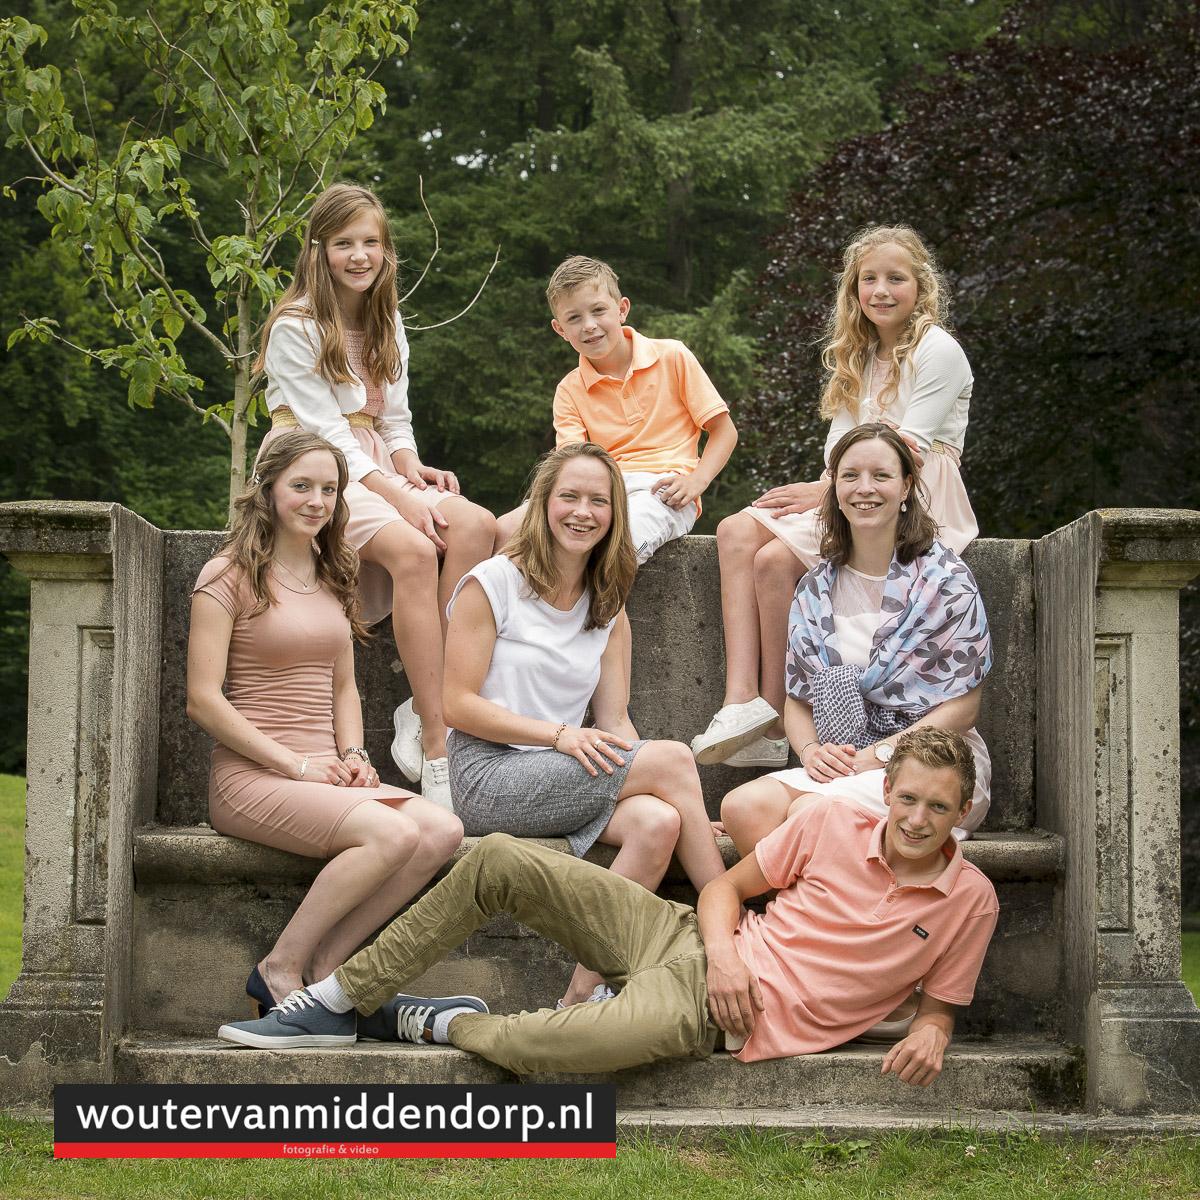 fotograaf Wouter van Middendorp, portretfoto, groepsfoto omgeving Nunspeet, Barneveld, Putten, Uddel (1)